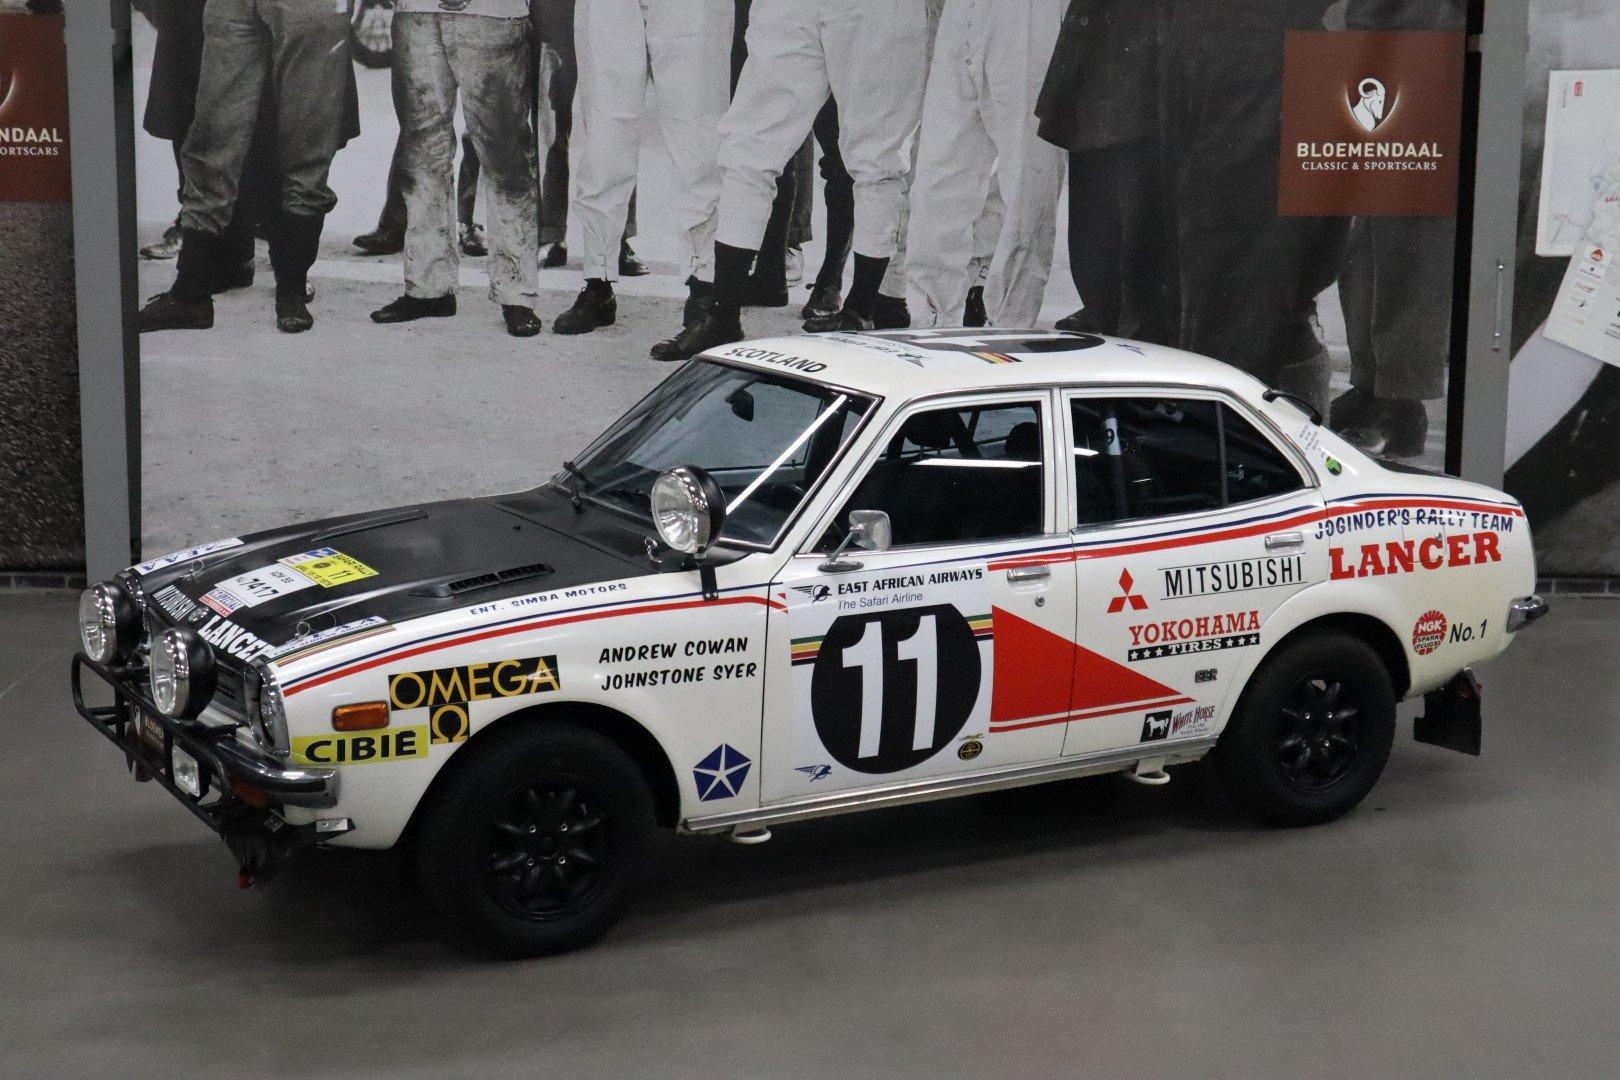 1977 Mitsubishi Lancer 1600 GSR Safari Rally For Sale (picture 1 of 12)